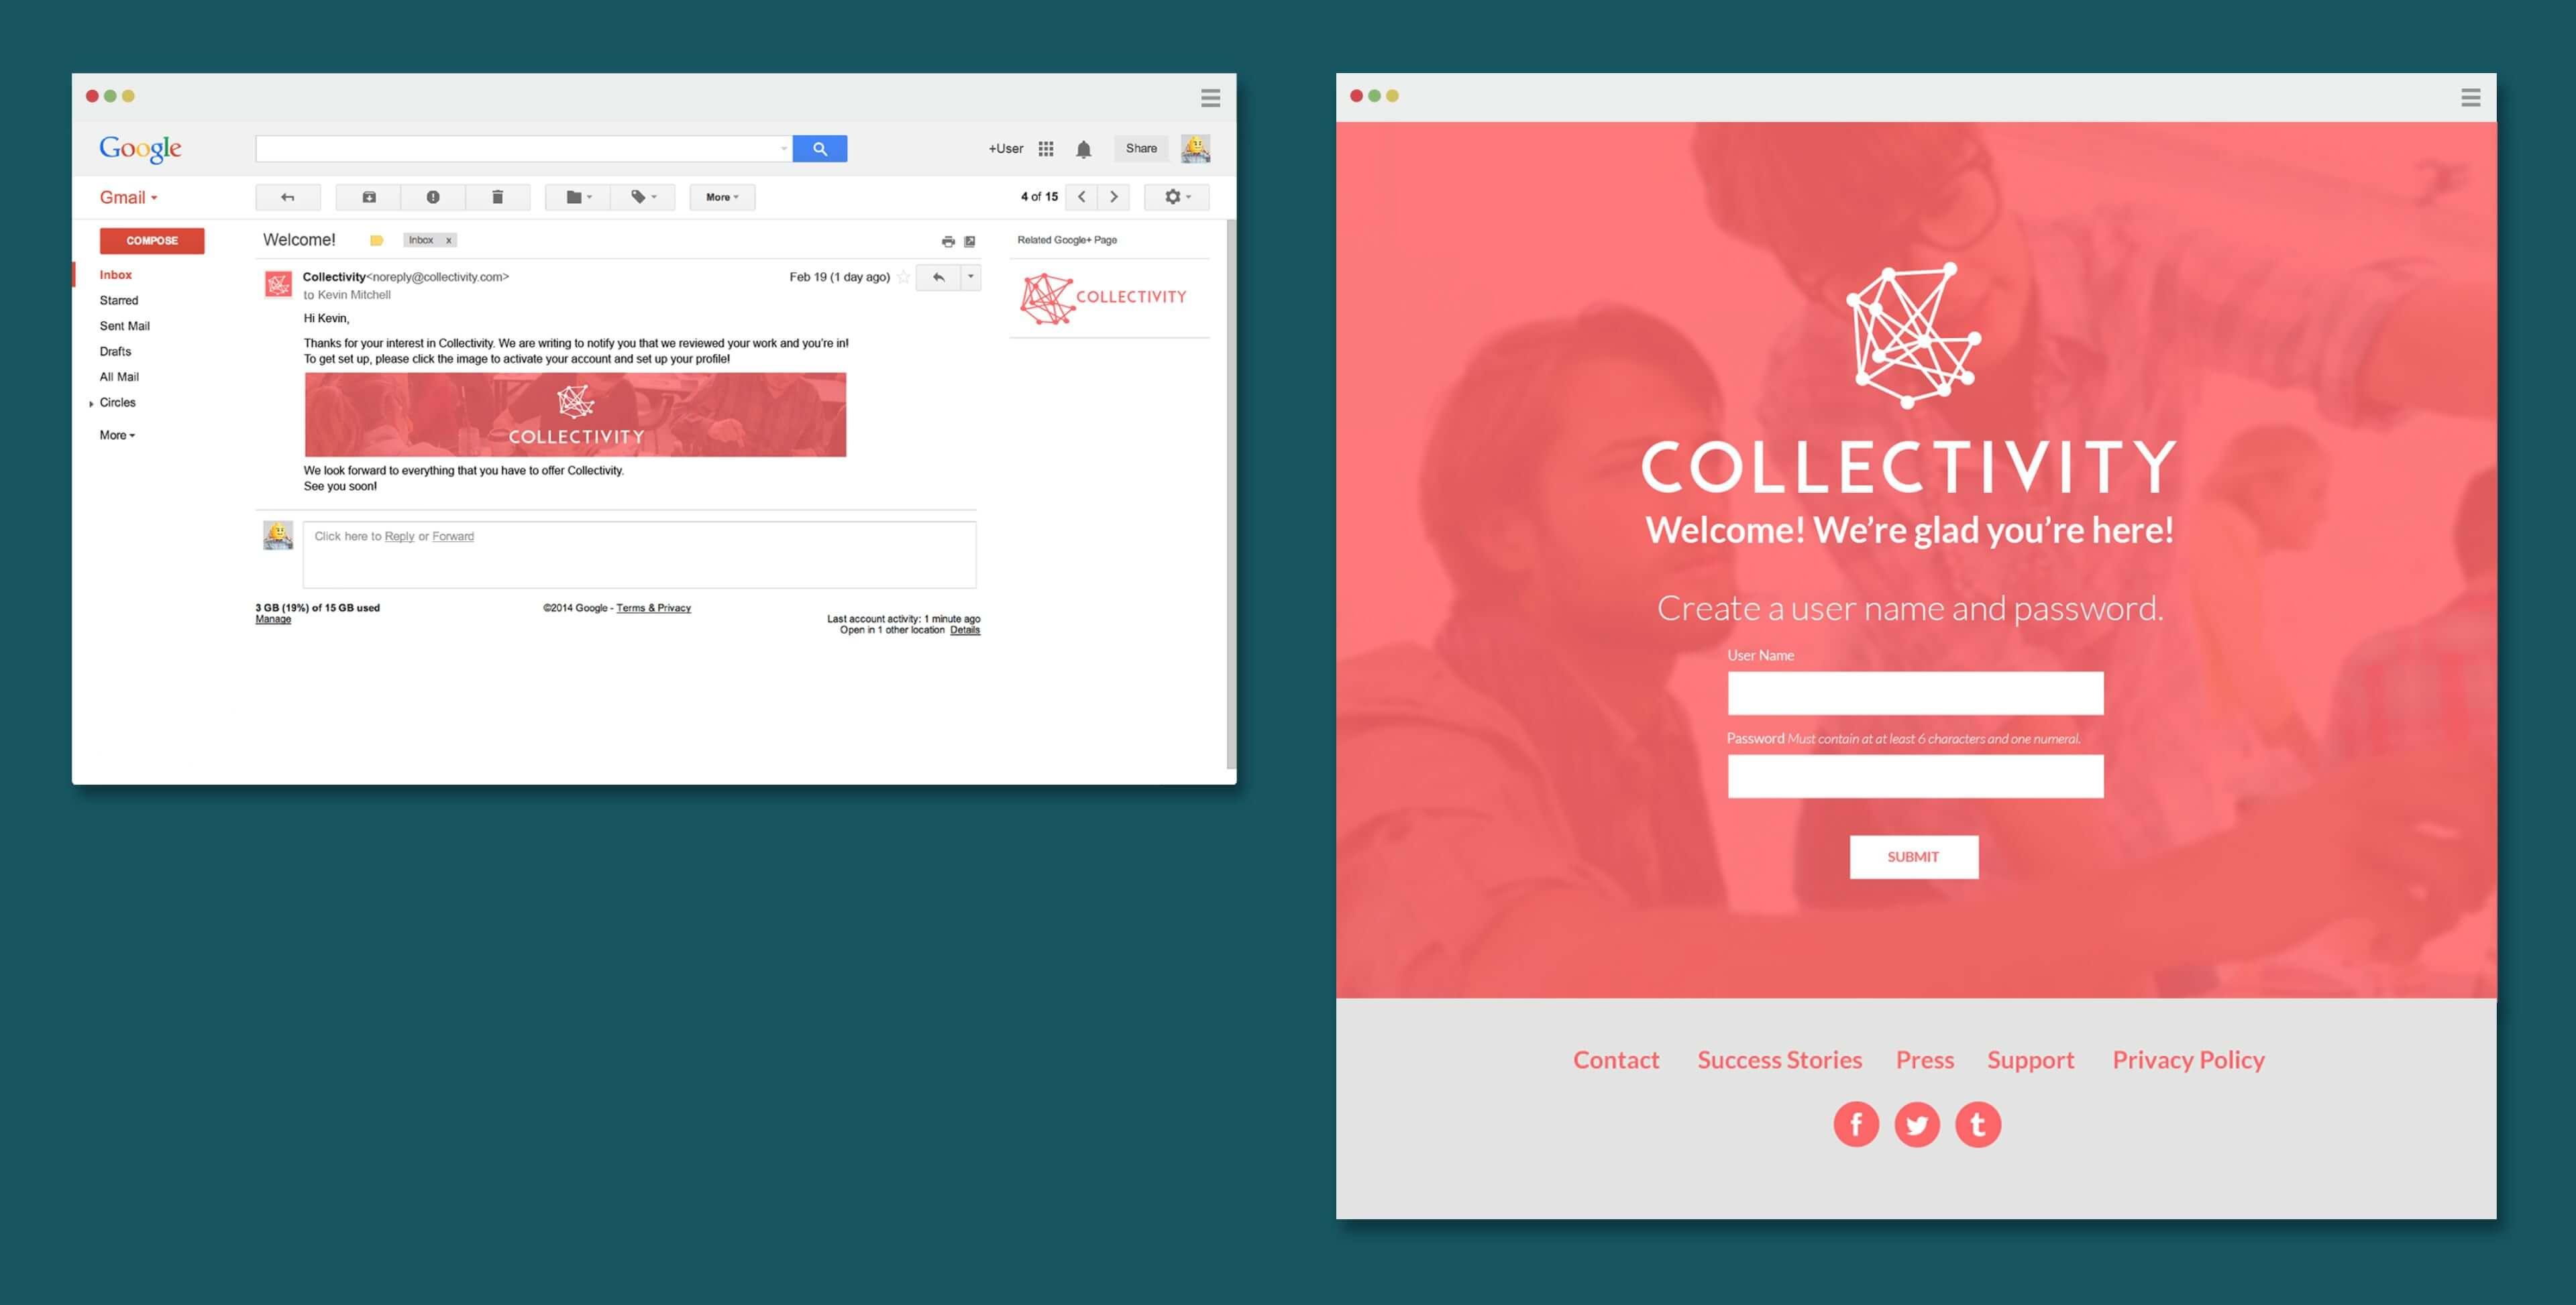 Collectivity-Invite